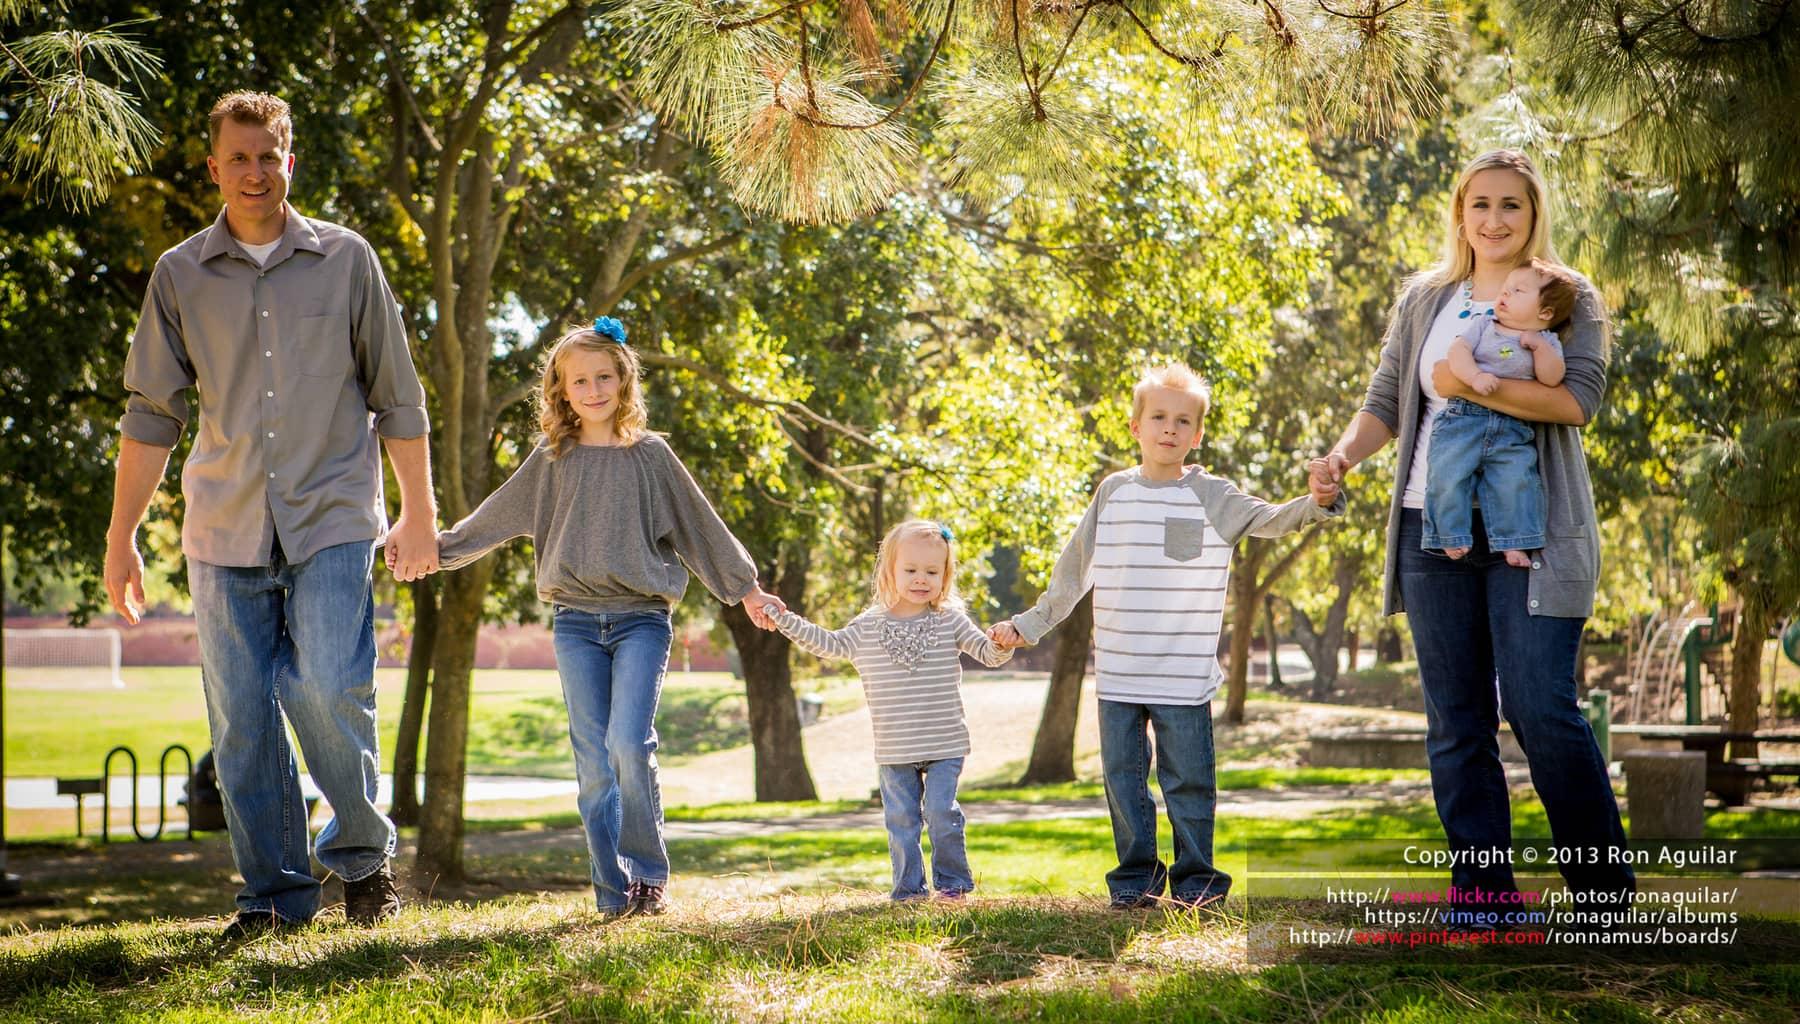 Los colores similares crean armonía y unidad en la fotografía de familia.